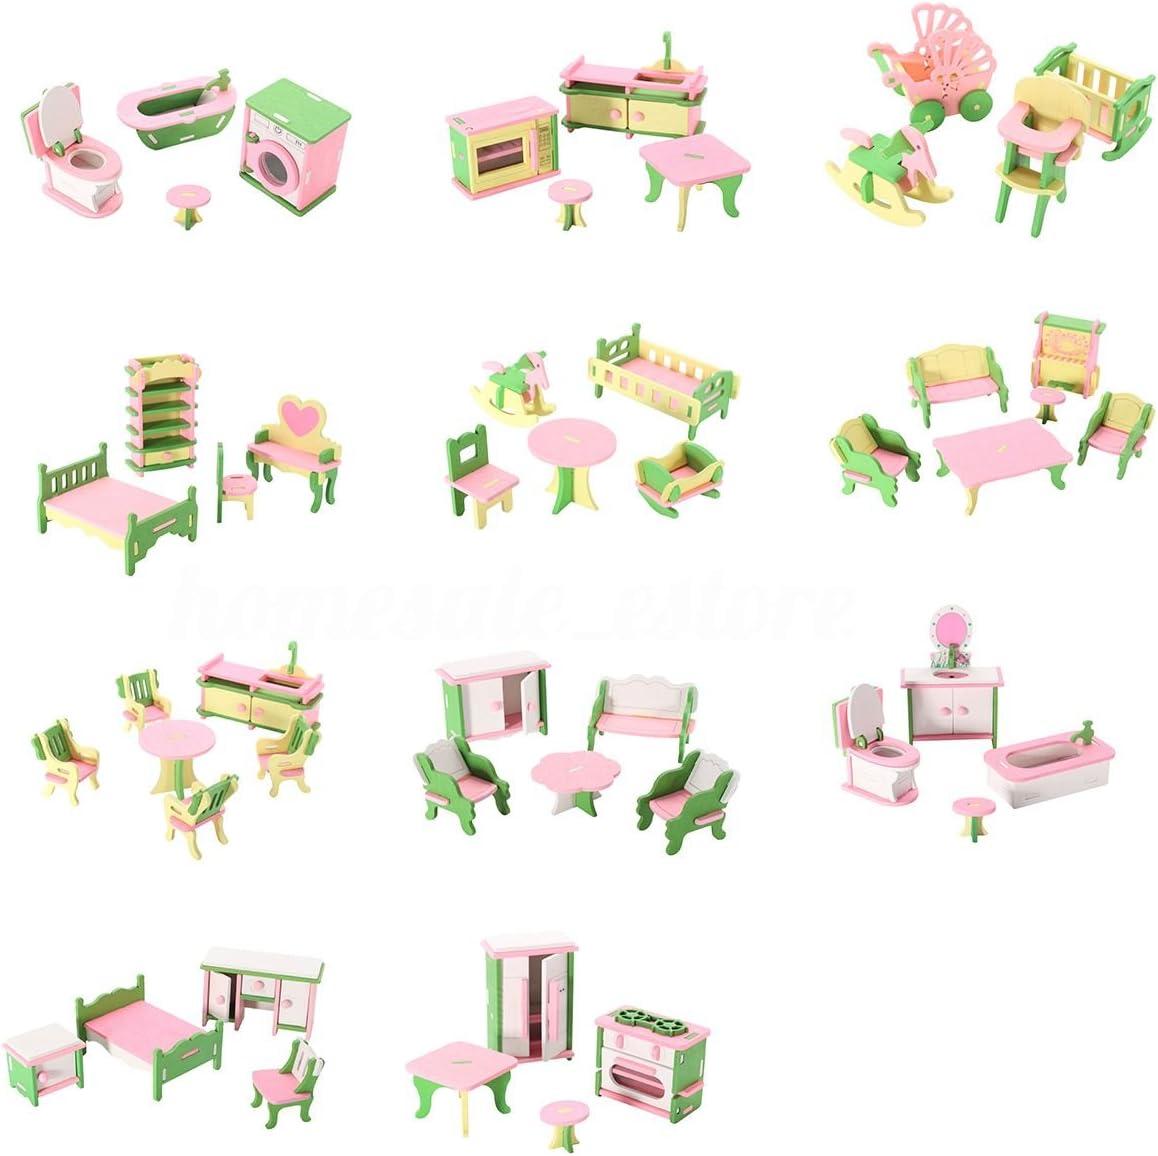 TOOGOO 49 piezas de 11 Juegos de Muebles de madera para bebes para Casa de munecas en miniatura Juguete de regalo para los ninos para jugar